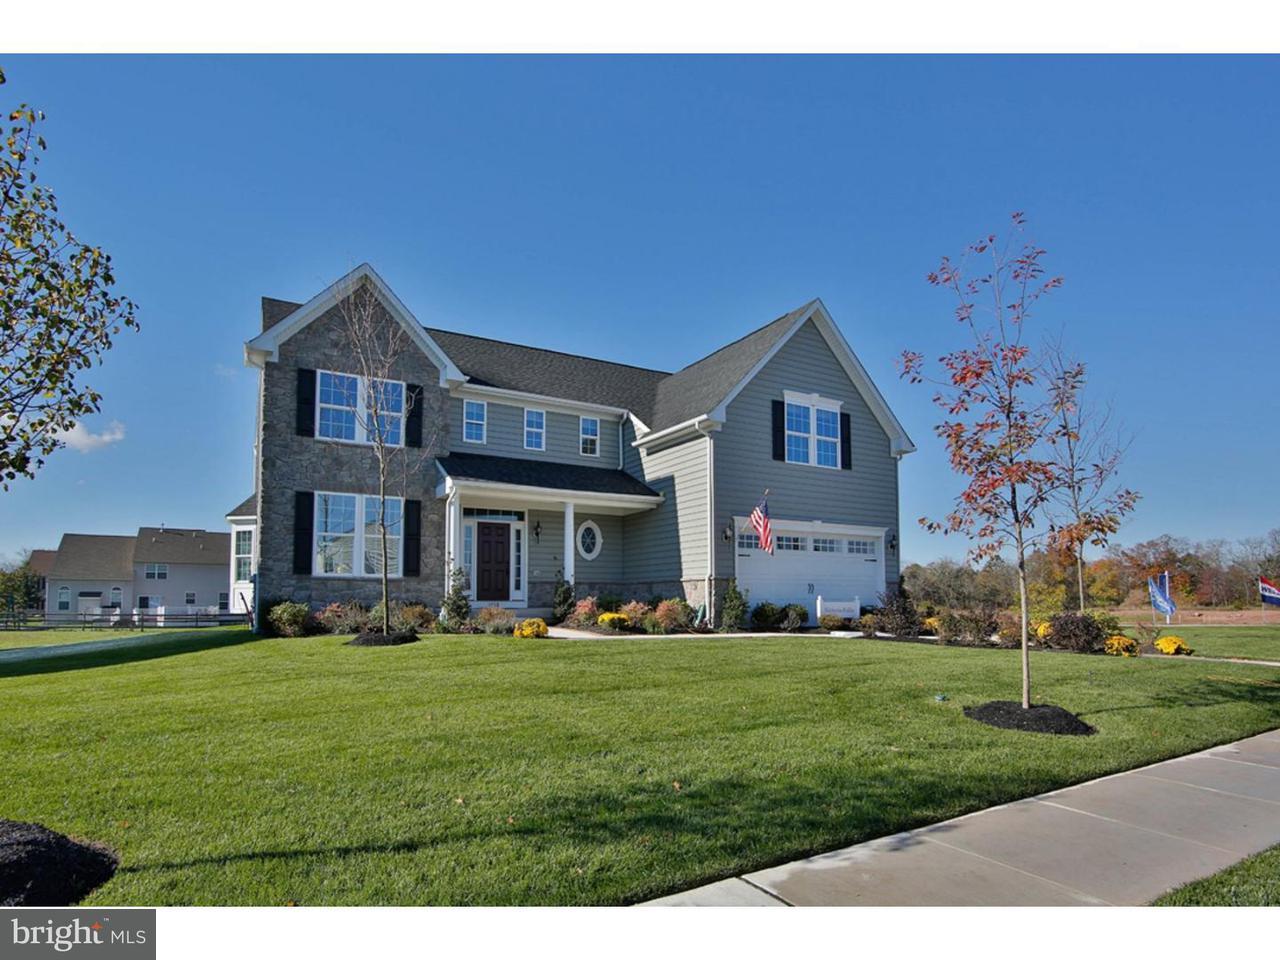 独户住宅 为 销售 在 3 EAST CROSSING Drive Mount Royal, 新泽西州 08061 美国